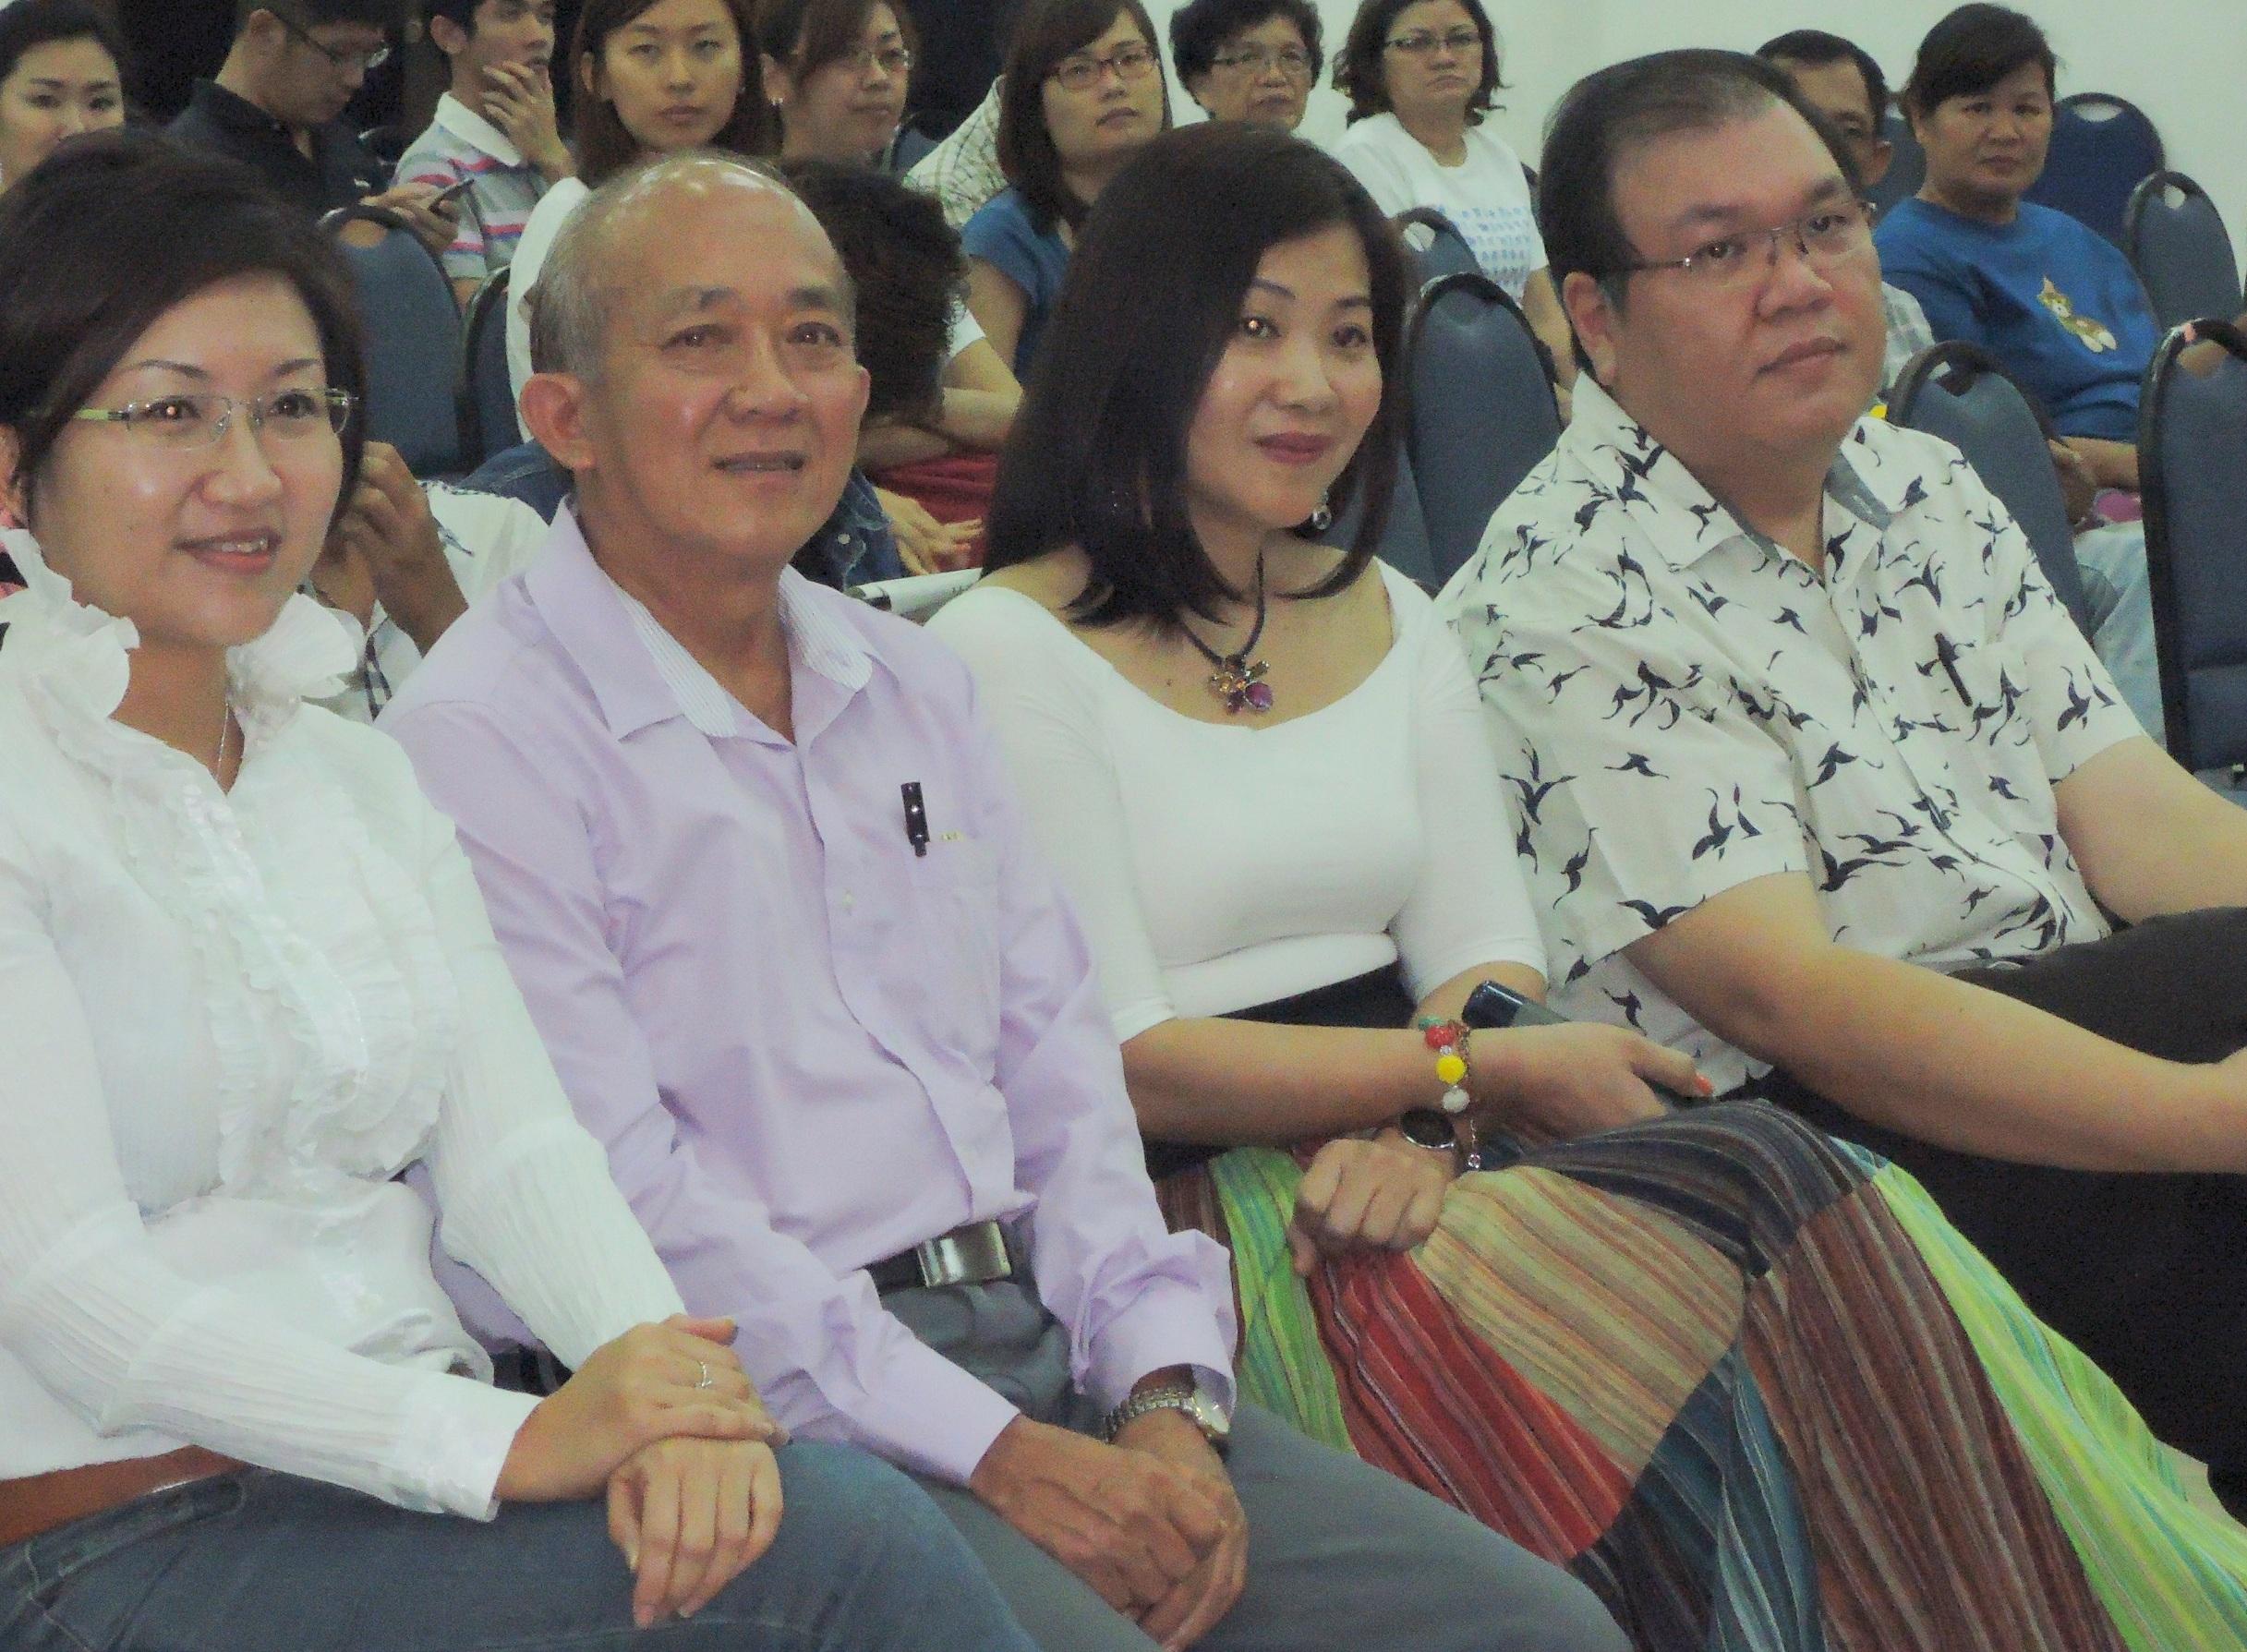 人联党妇女组主席郑丽萍与嘉宾们聆听分享会。